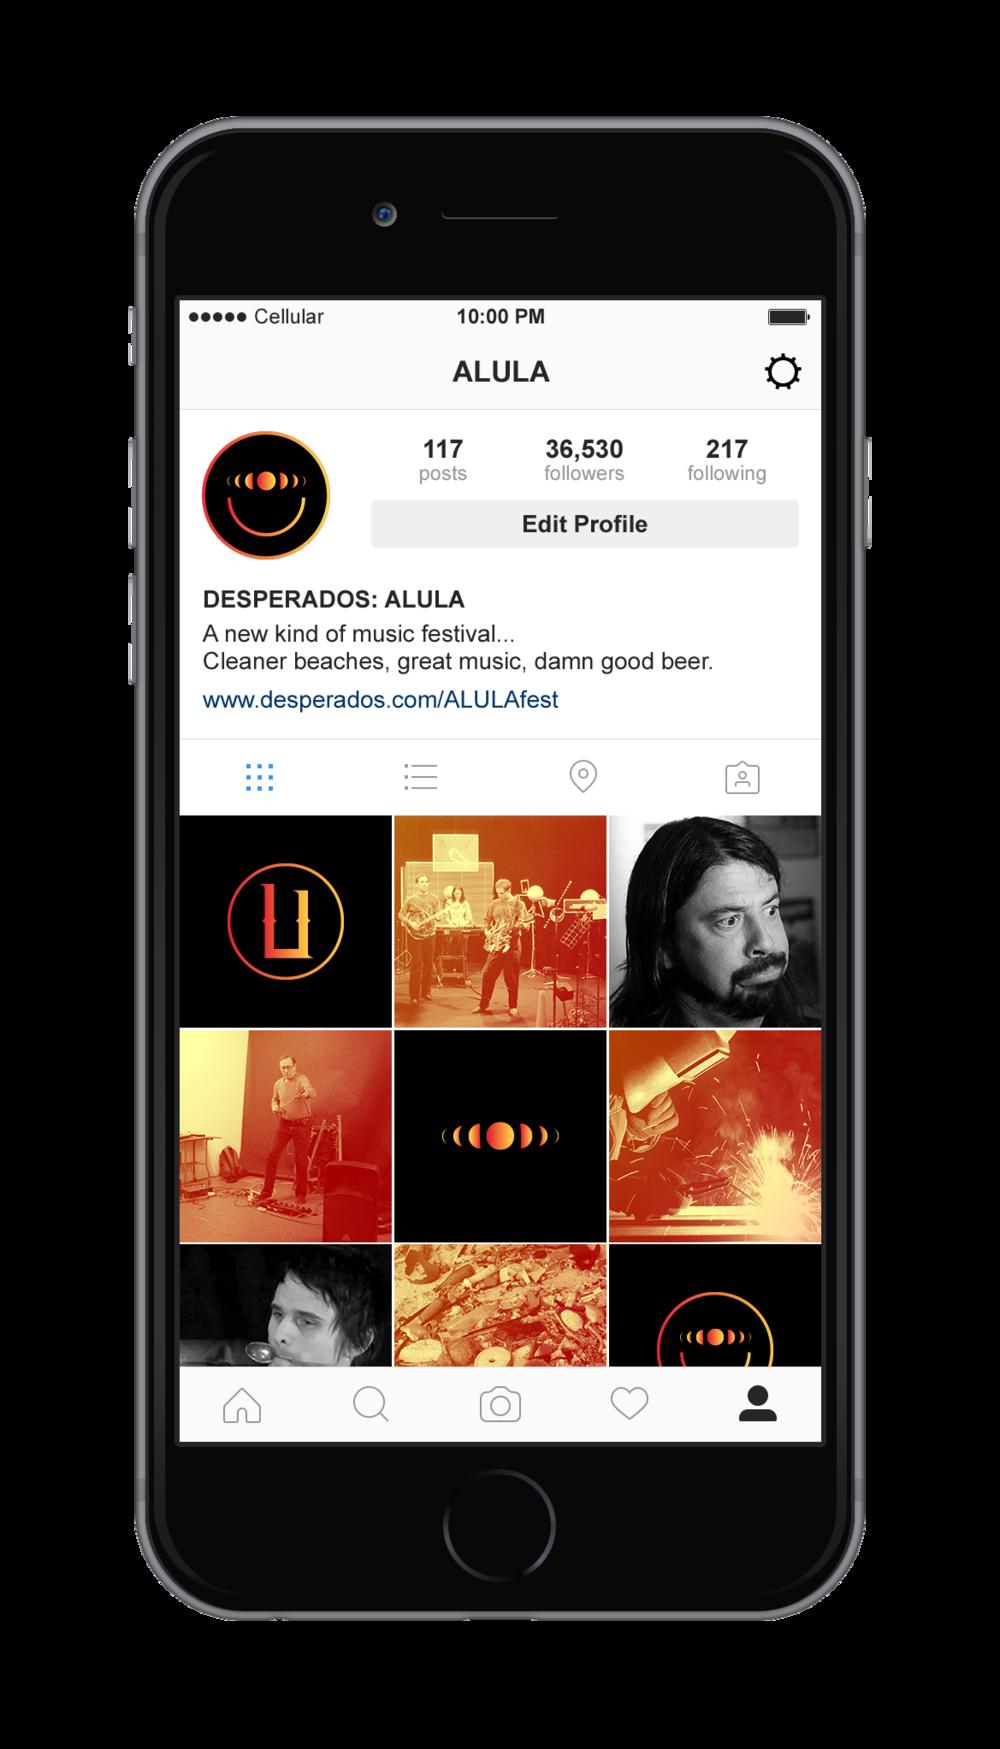 ALULA-Instagram-Mockup-1.png